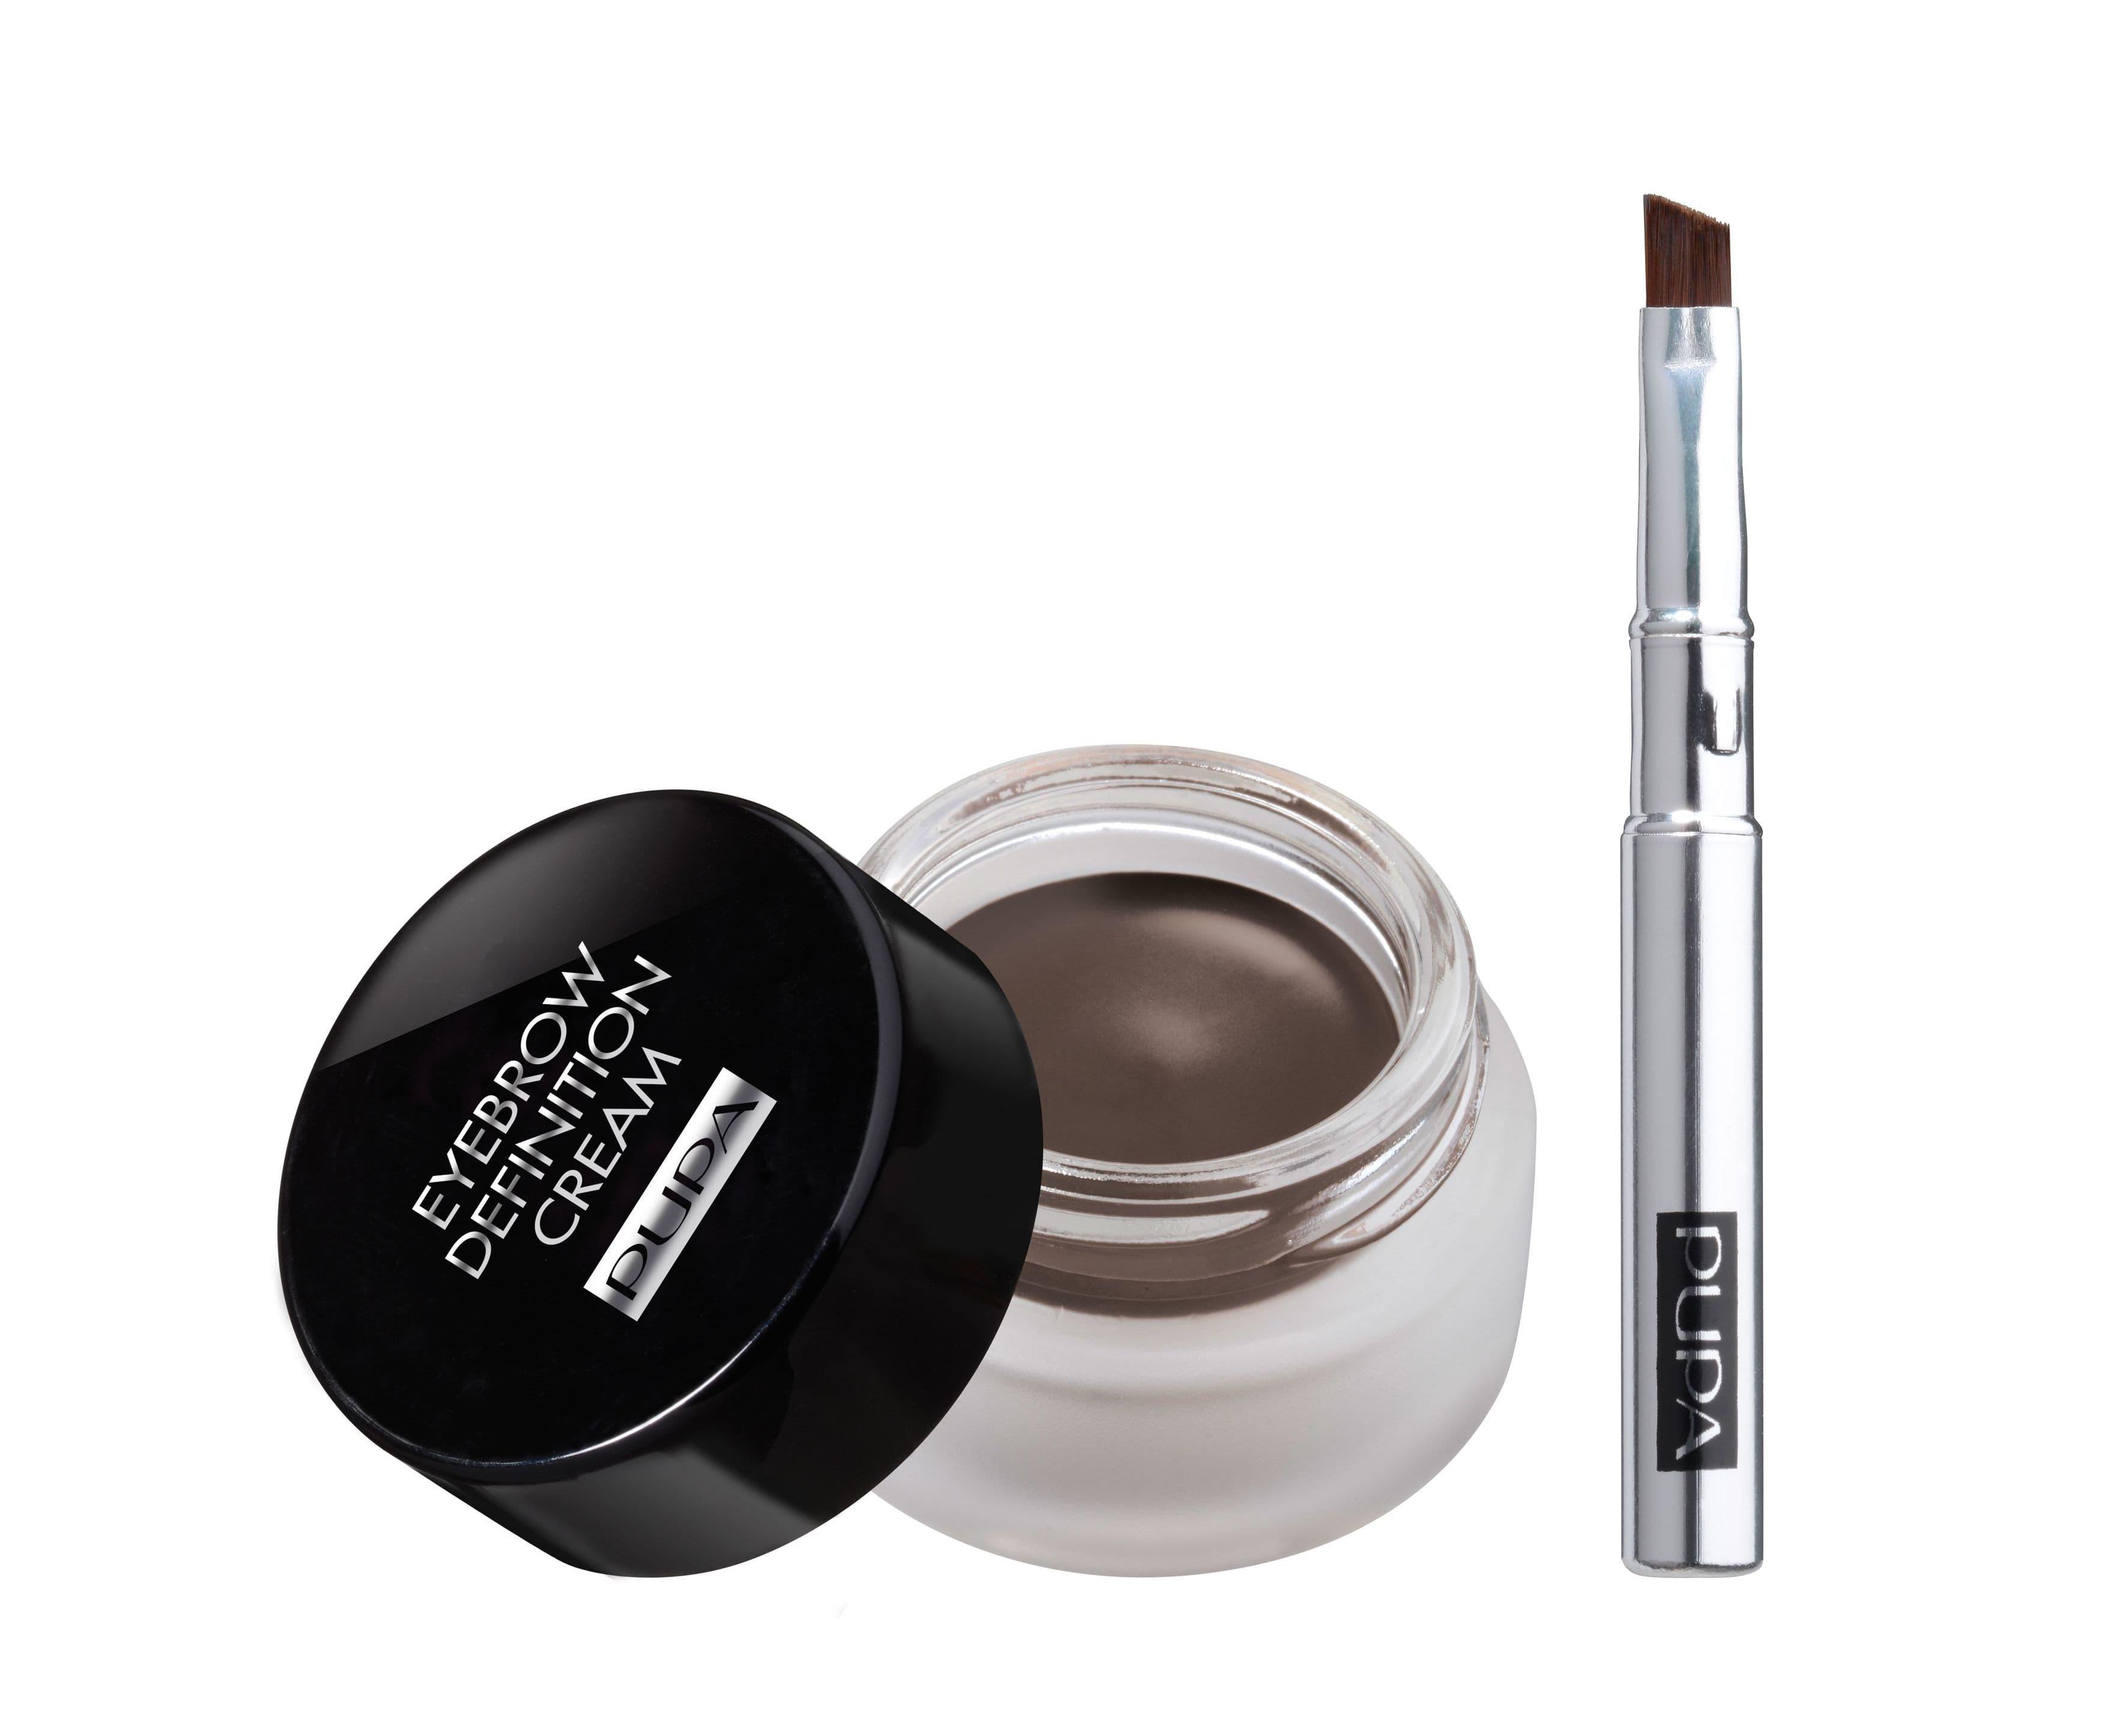 Купить со скидкой Eyebrow Definition Cream Крем Для Бровей